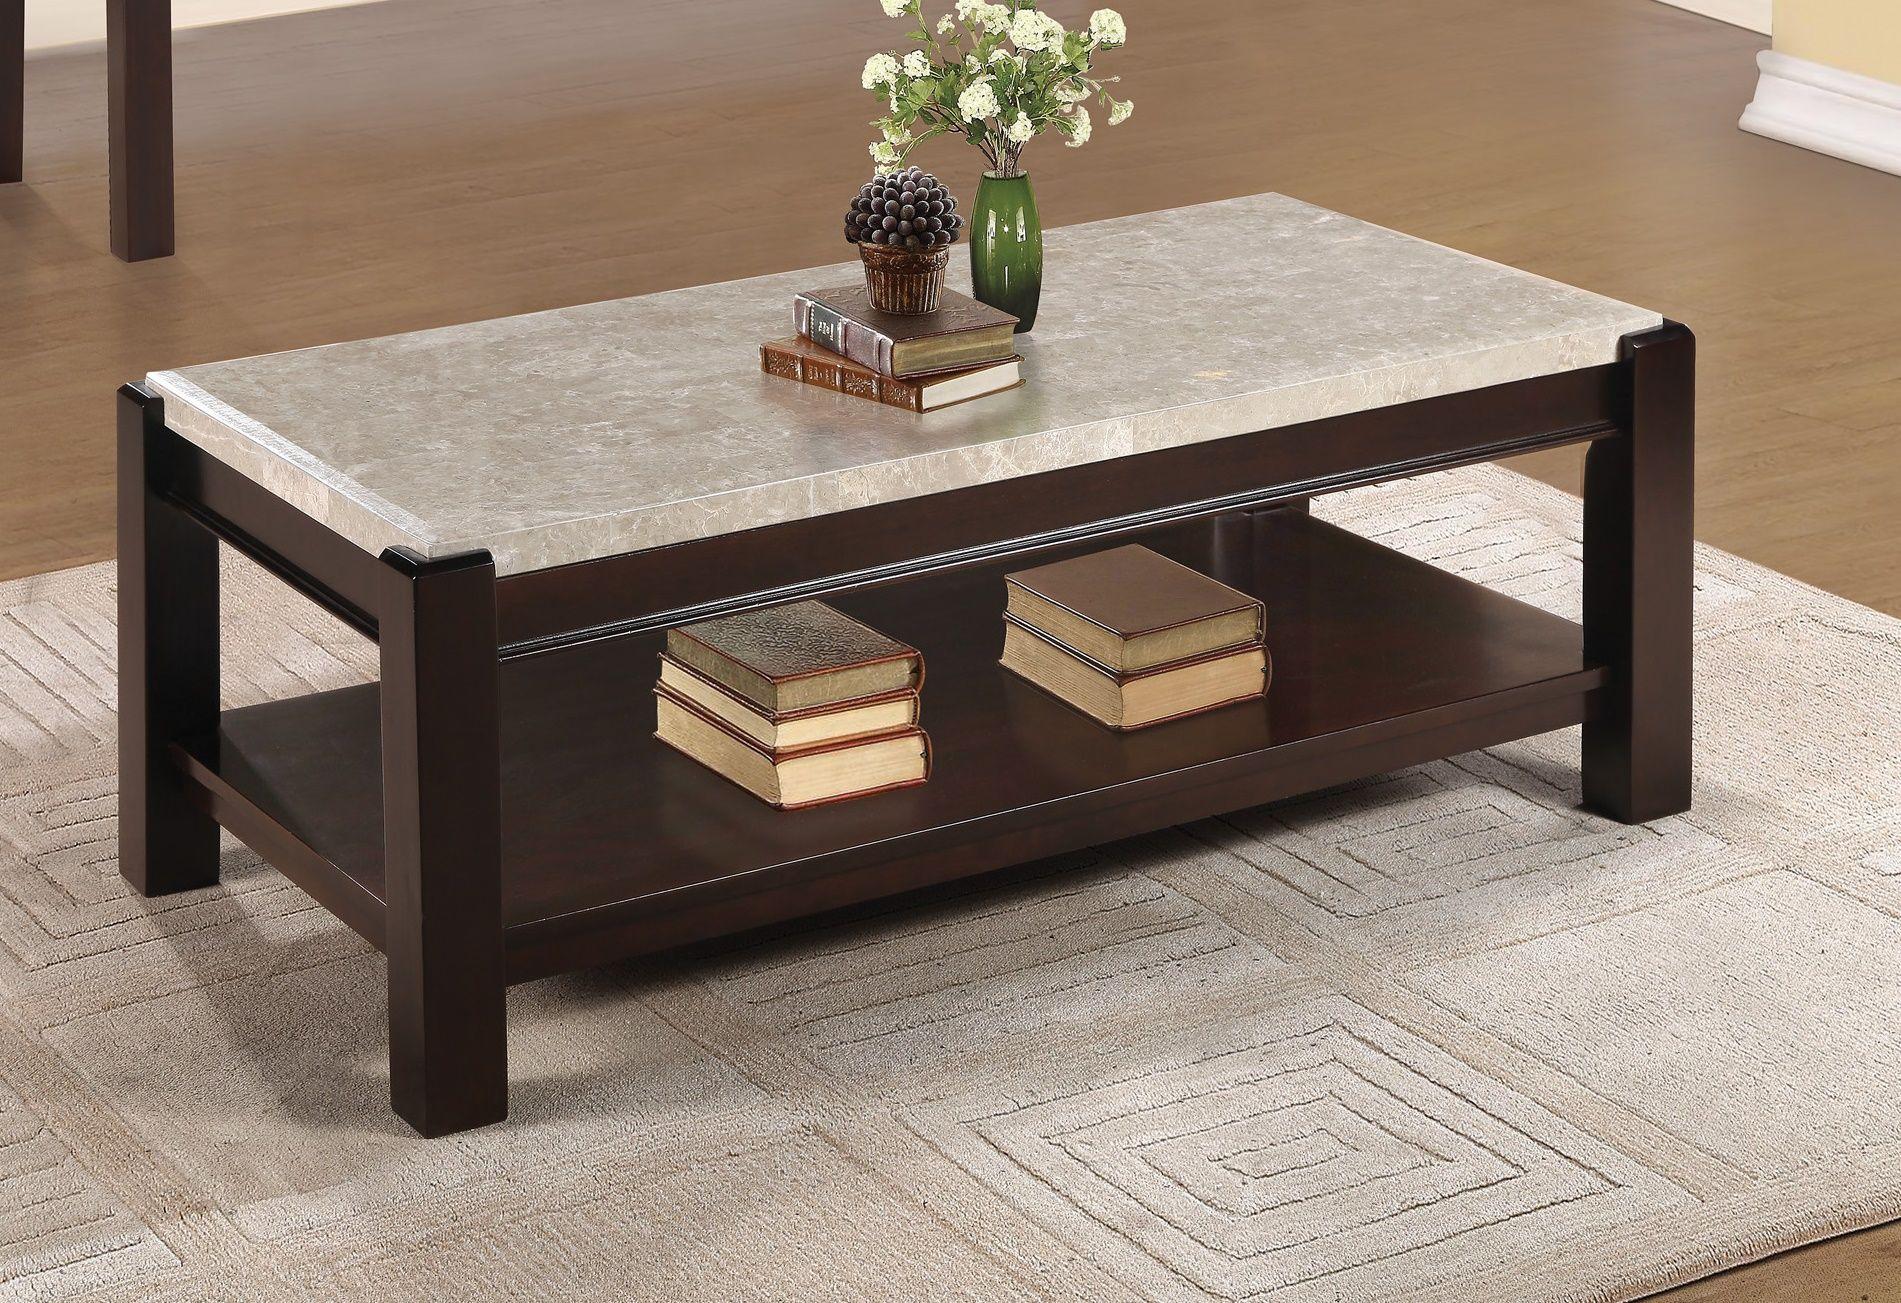 Homelegance Festus Marble Coffee Table Marble Top Coffee Table Marble Coffee Table Coffee Table [ 1303 x 1901 Pixel ]